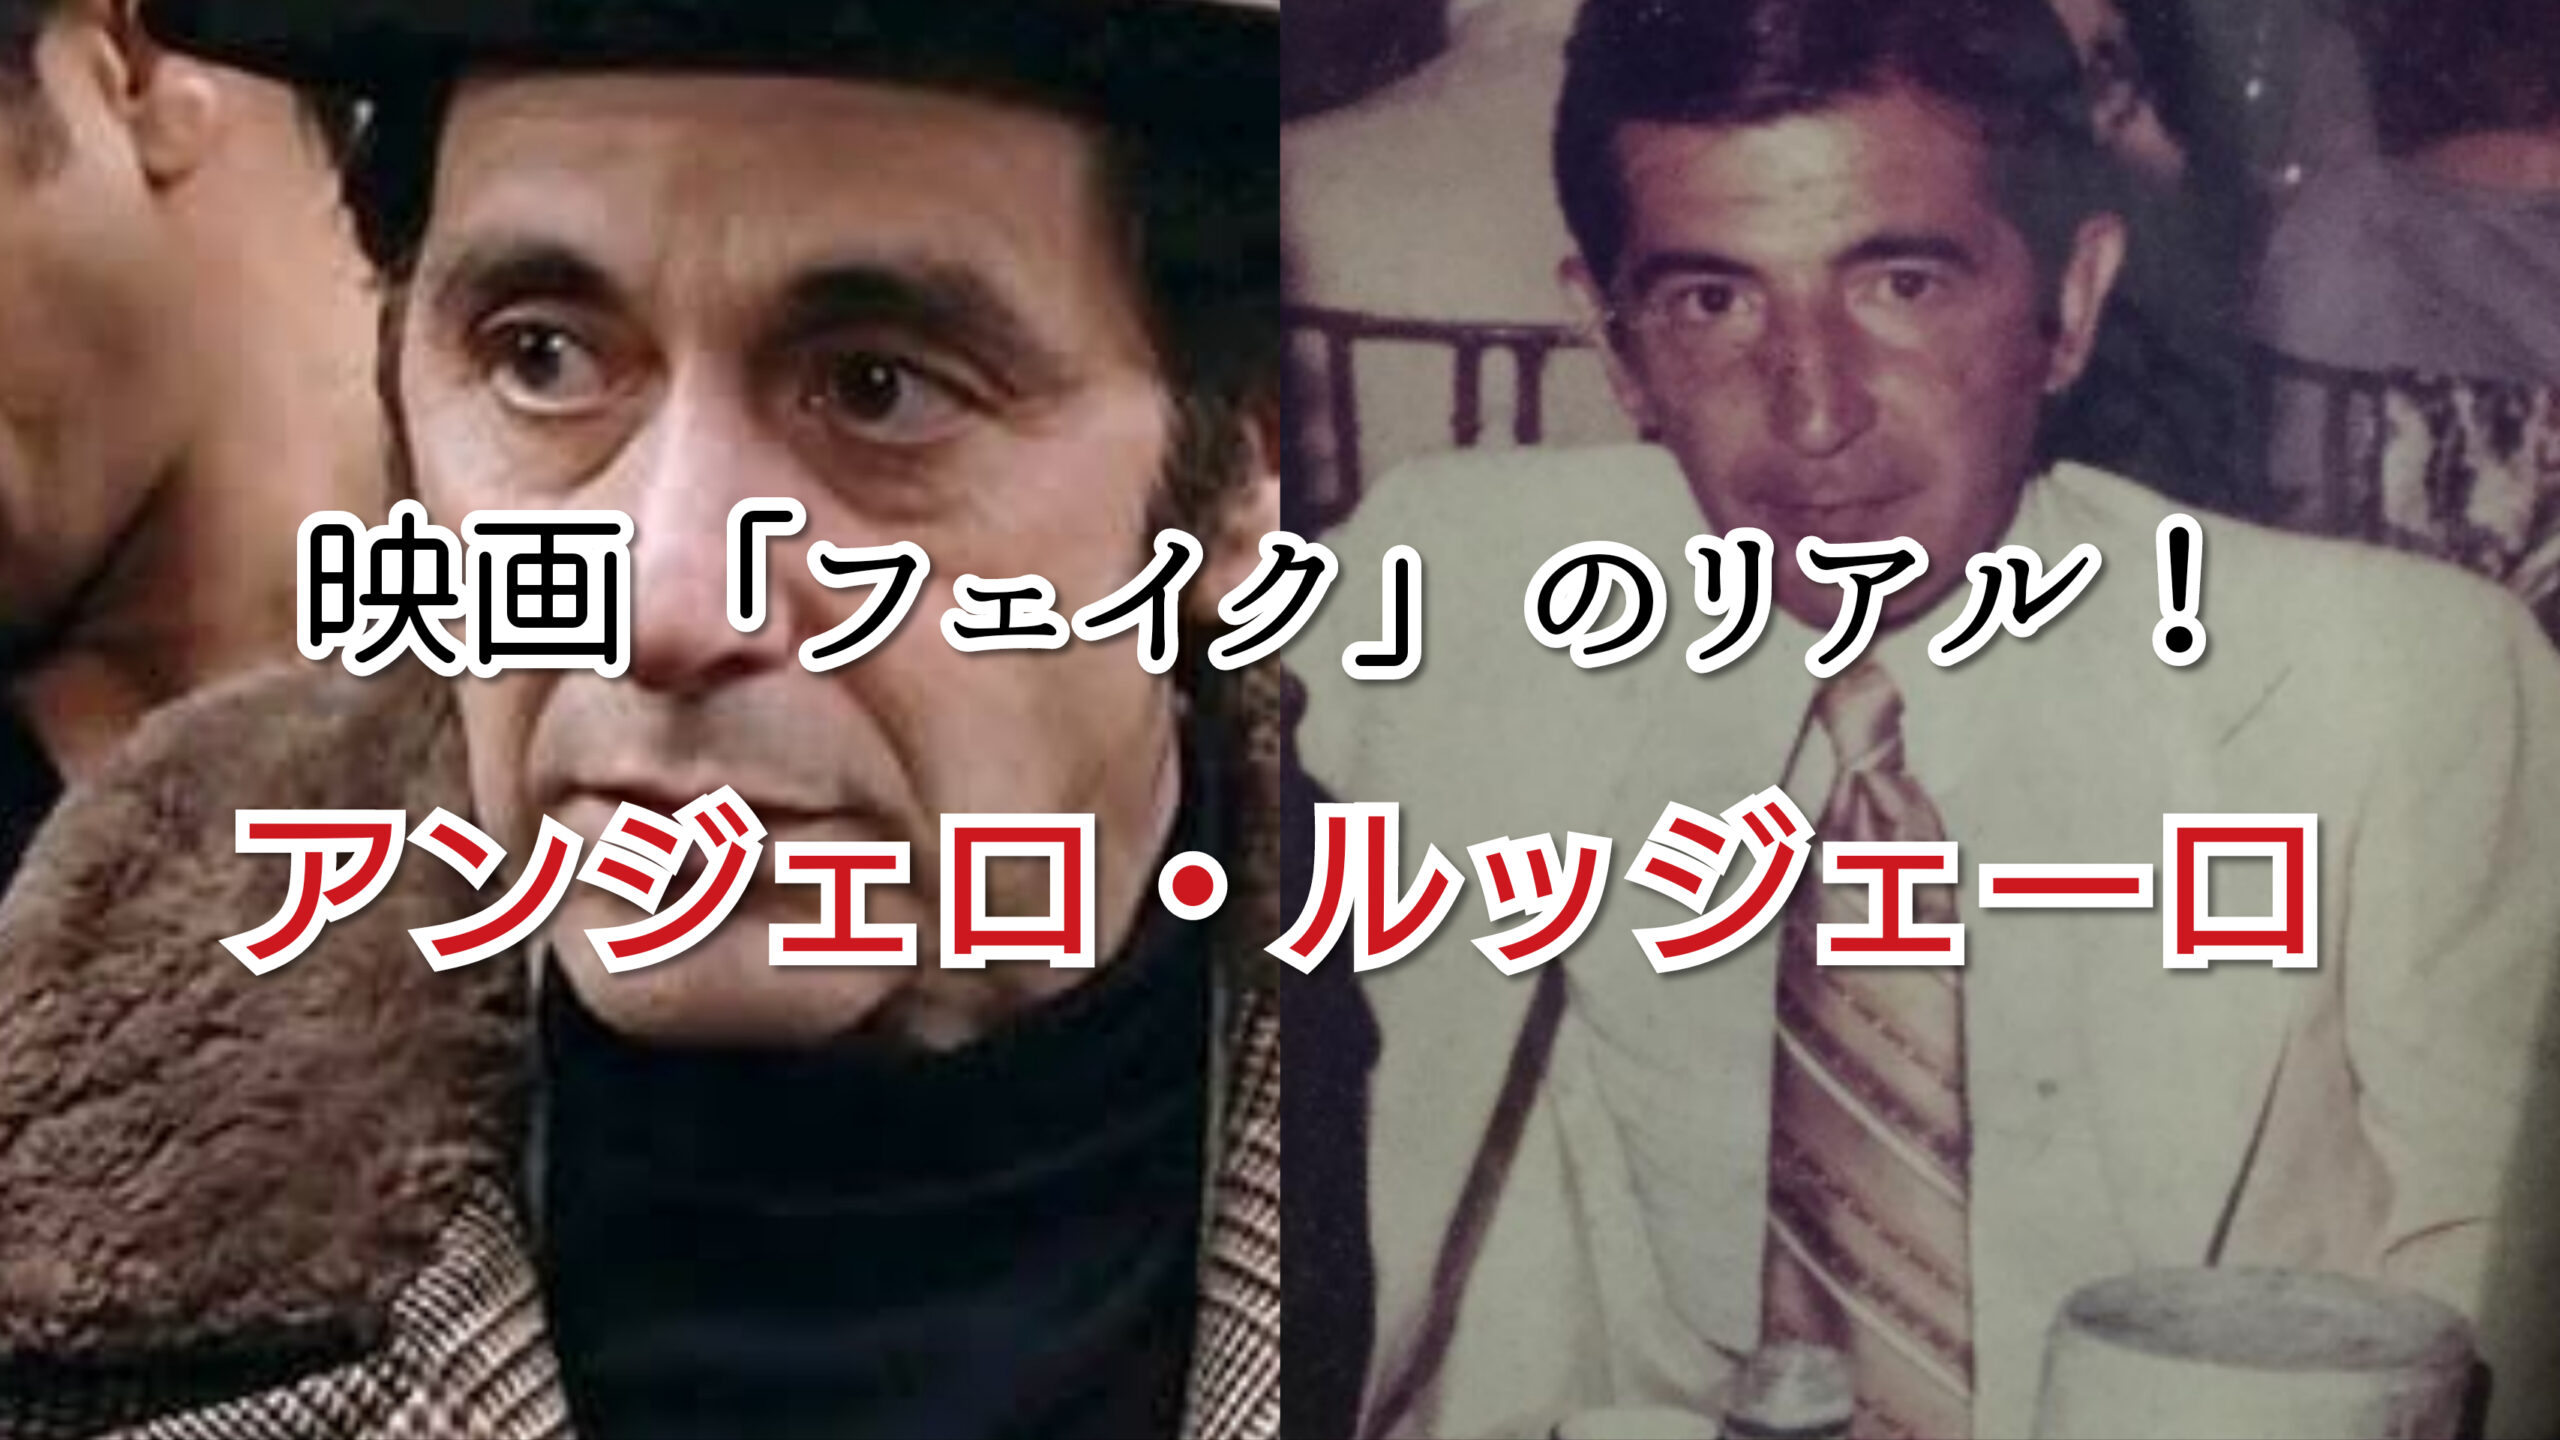 映画「フェイク」のリアル! アンジェロ・ルッジェーロ